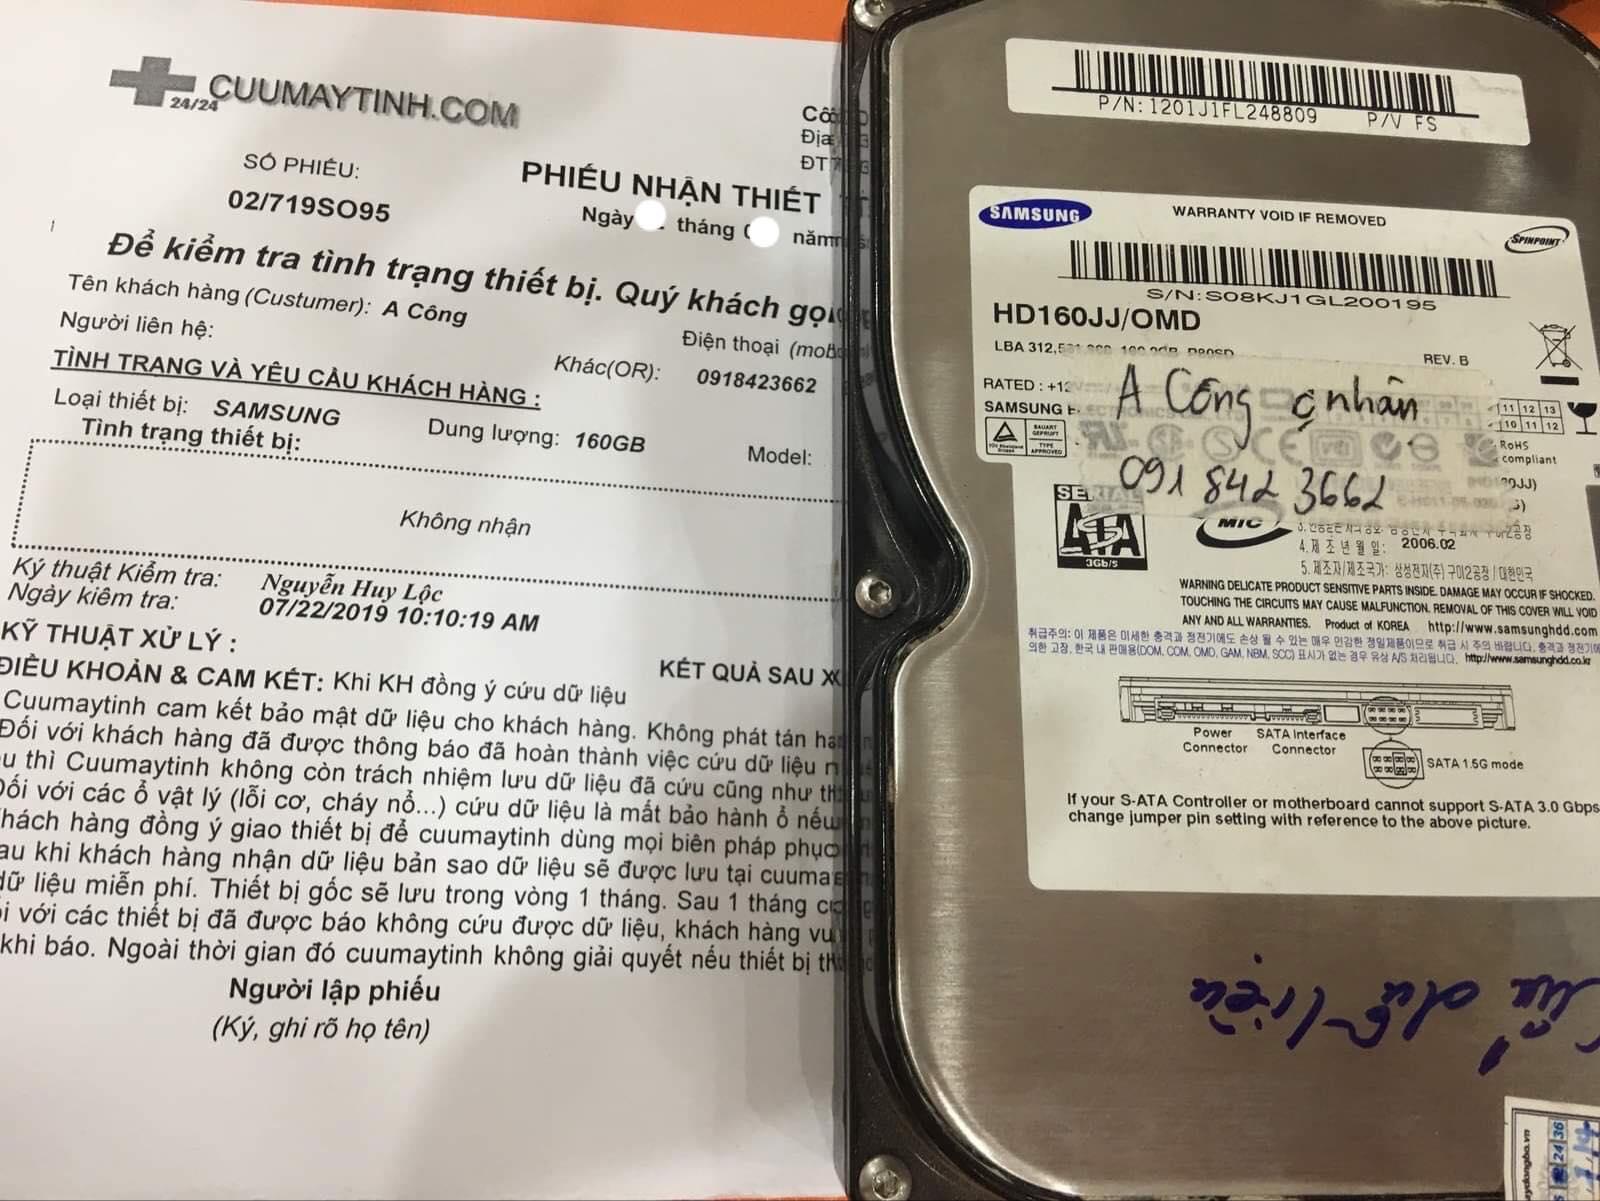 Lấy dữ liệu ổ cứng Samsung 160GB không nhận 12/08/2019 - cuumaytinh